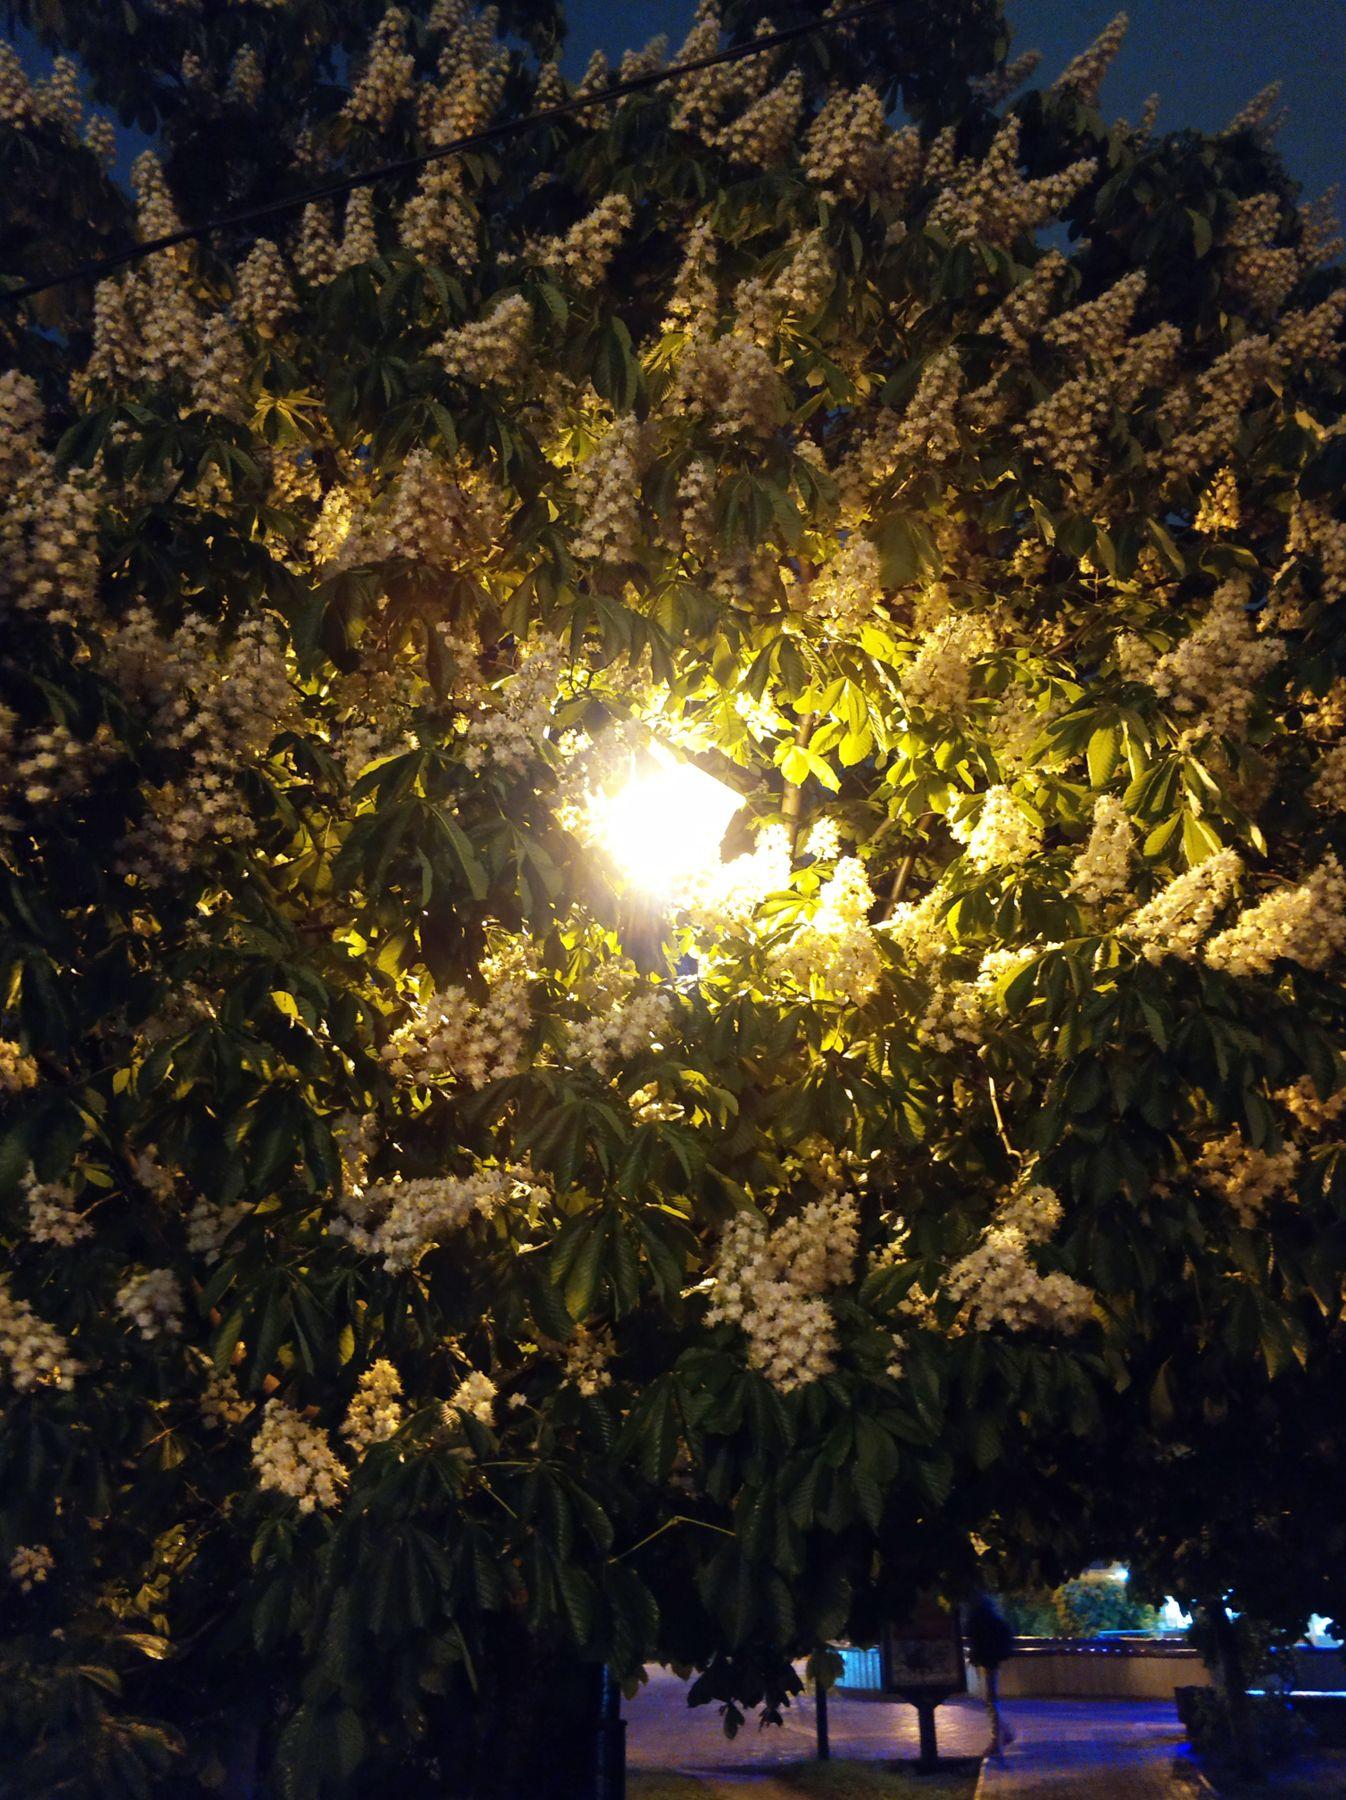 Ночь, улица, фонарь, каштан Город парк природа тмобильное